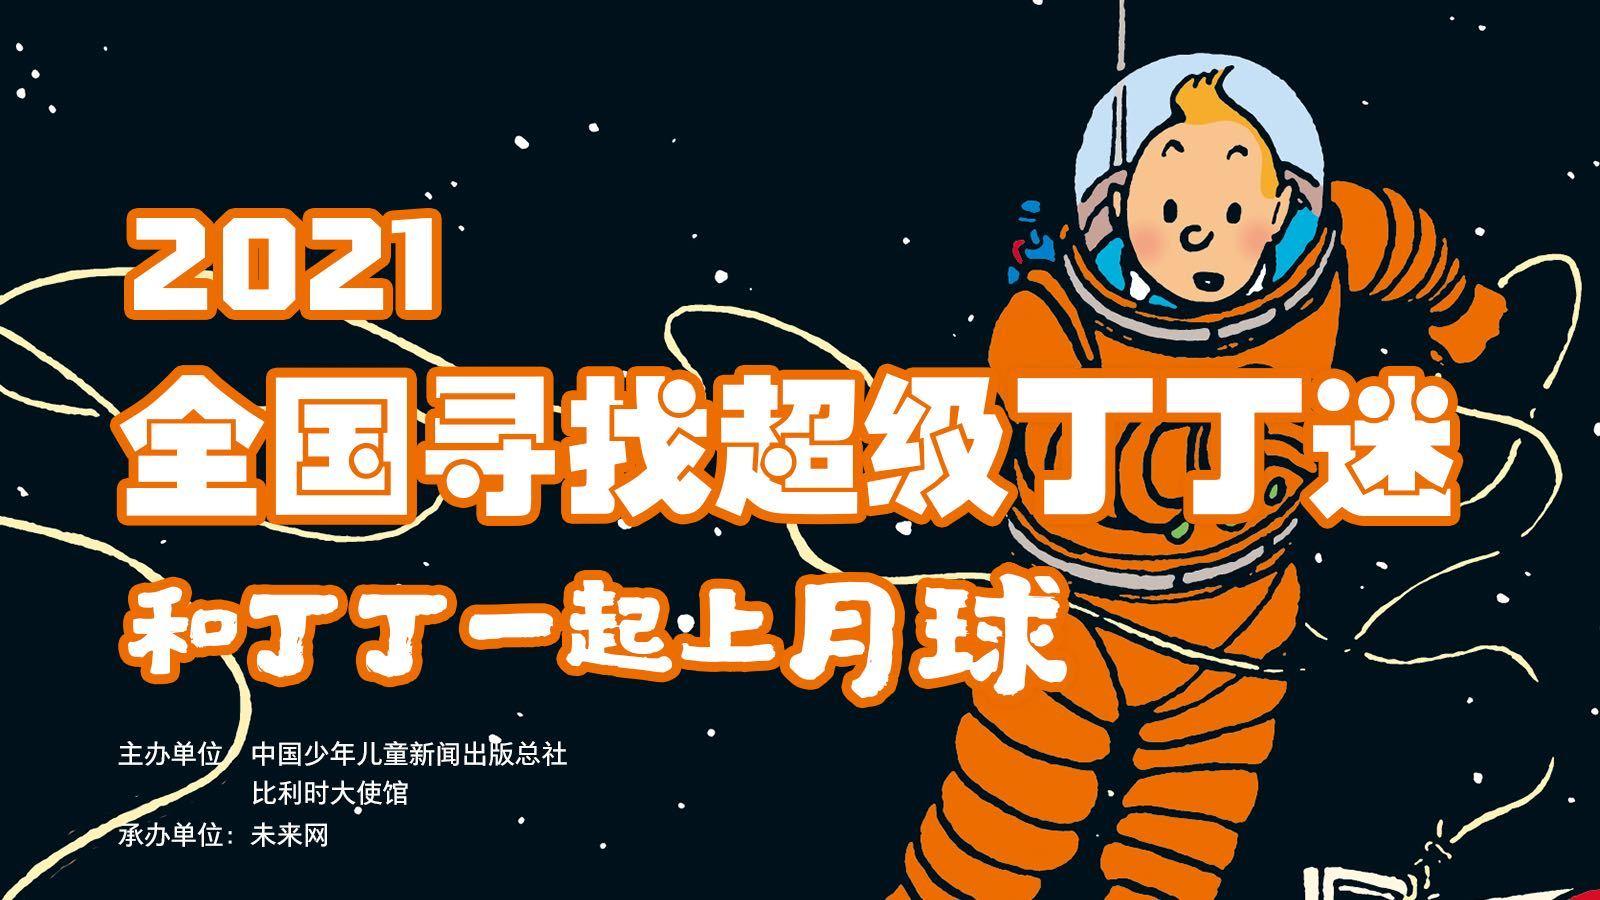 """《丁丁历险记》中国出版20周年,全国寻找""""超级丁丁迷""""!"""